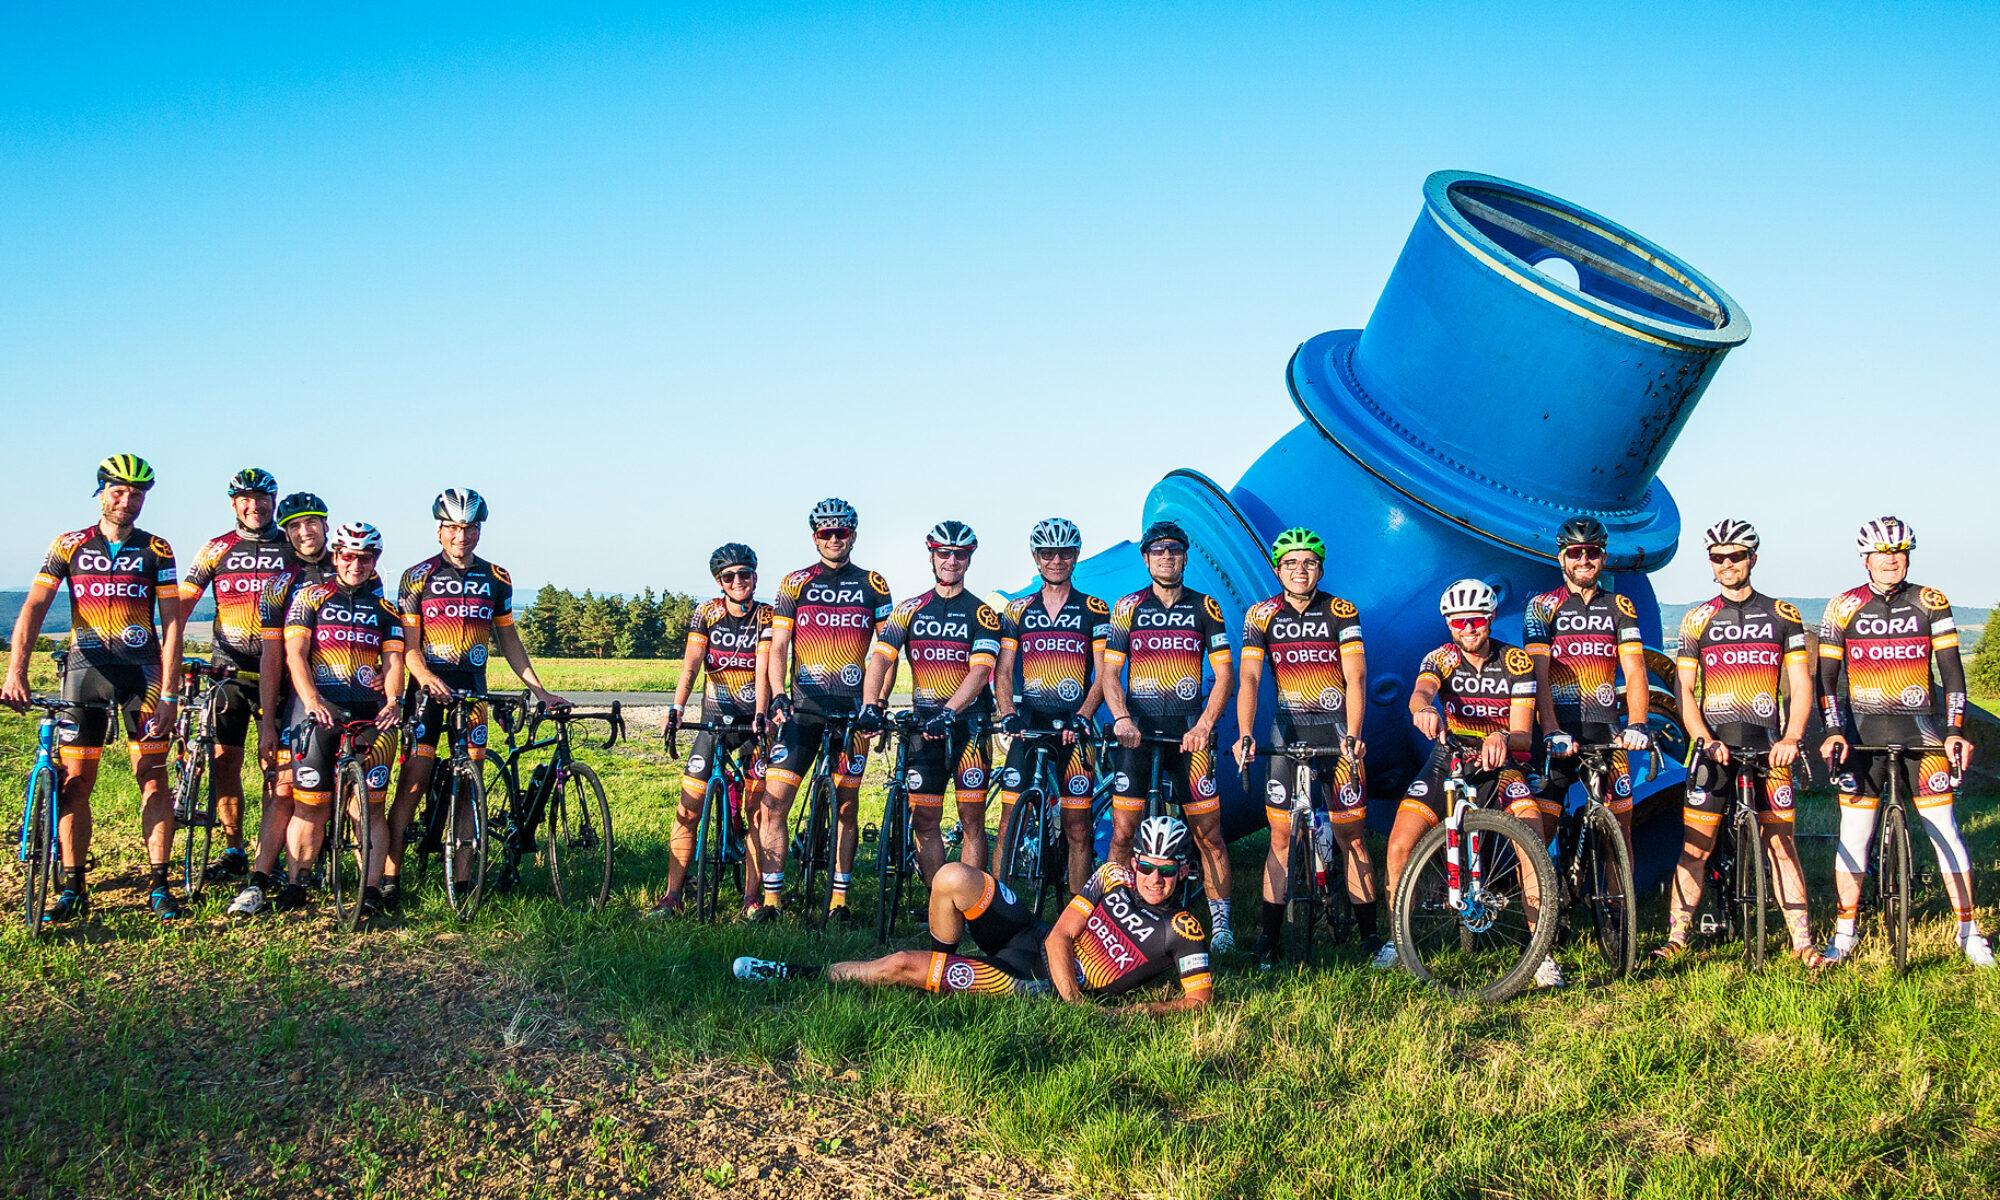 Coburger Radsport e.V.